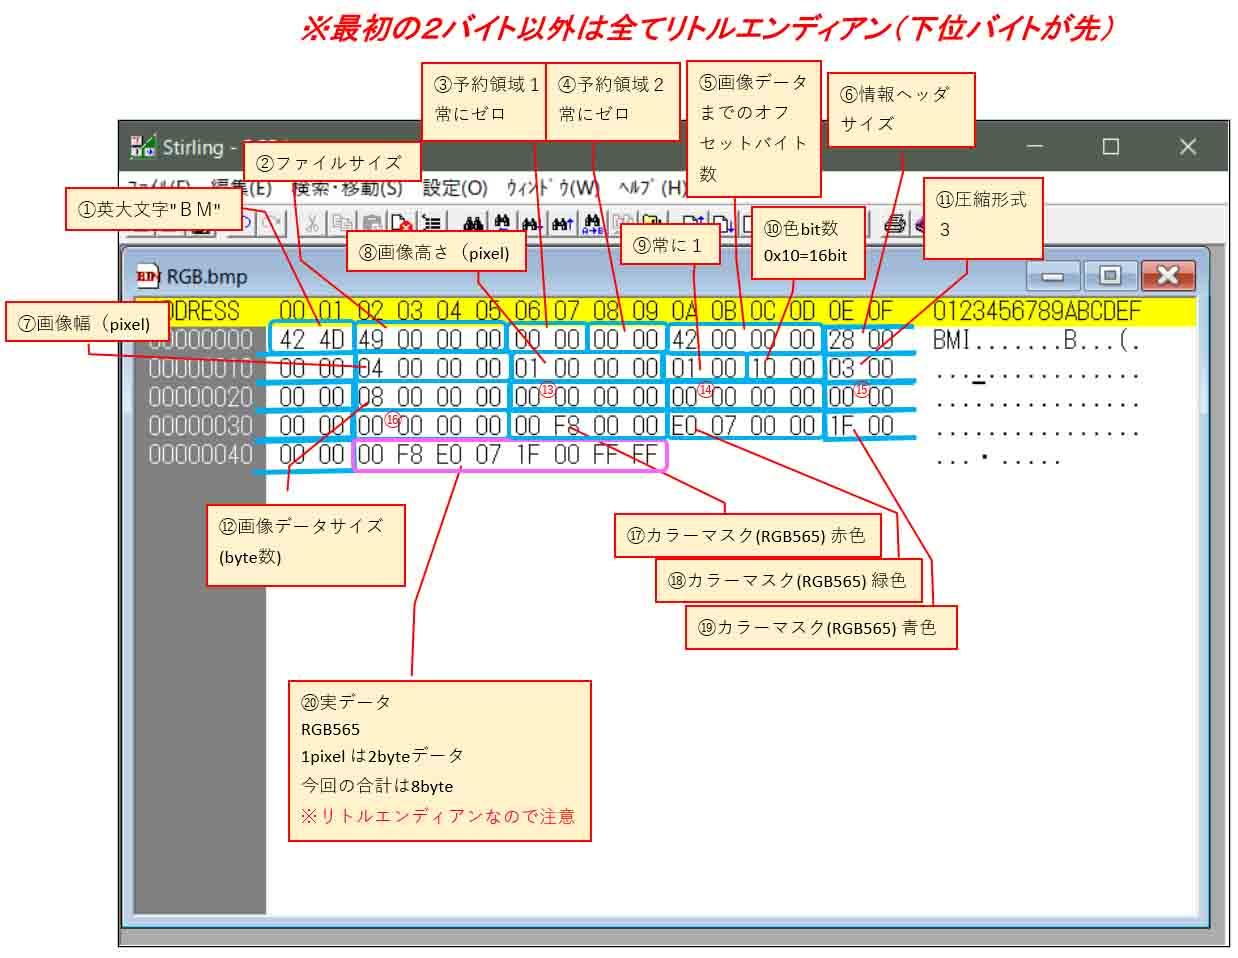 esp32_mjpeg01.jpg